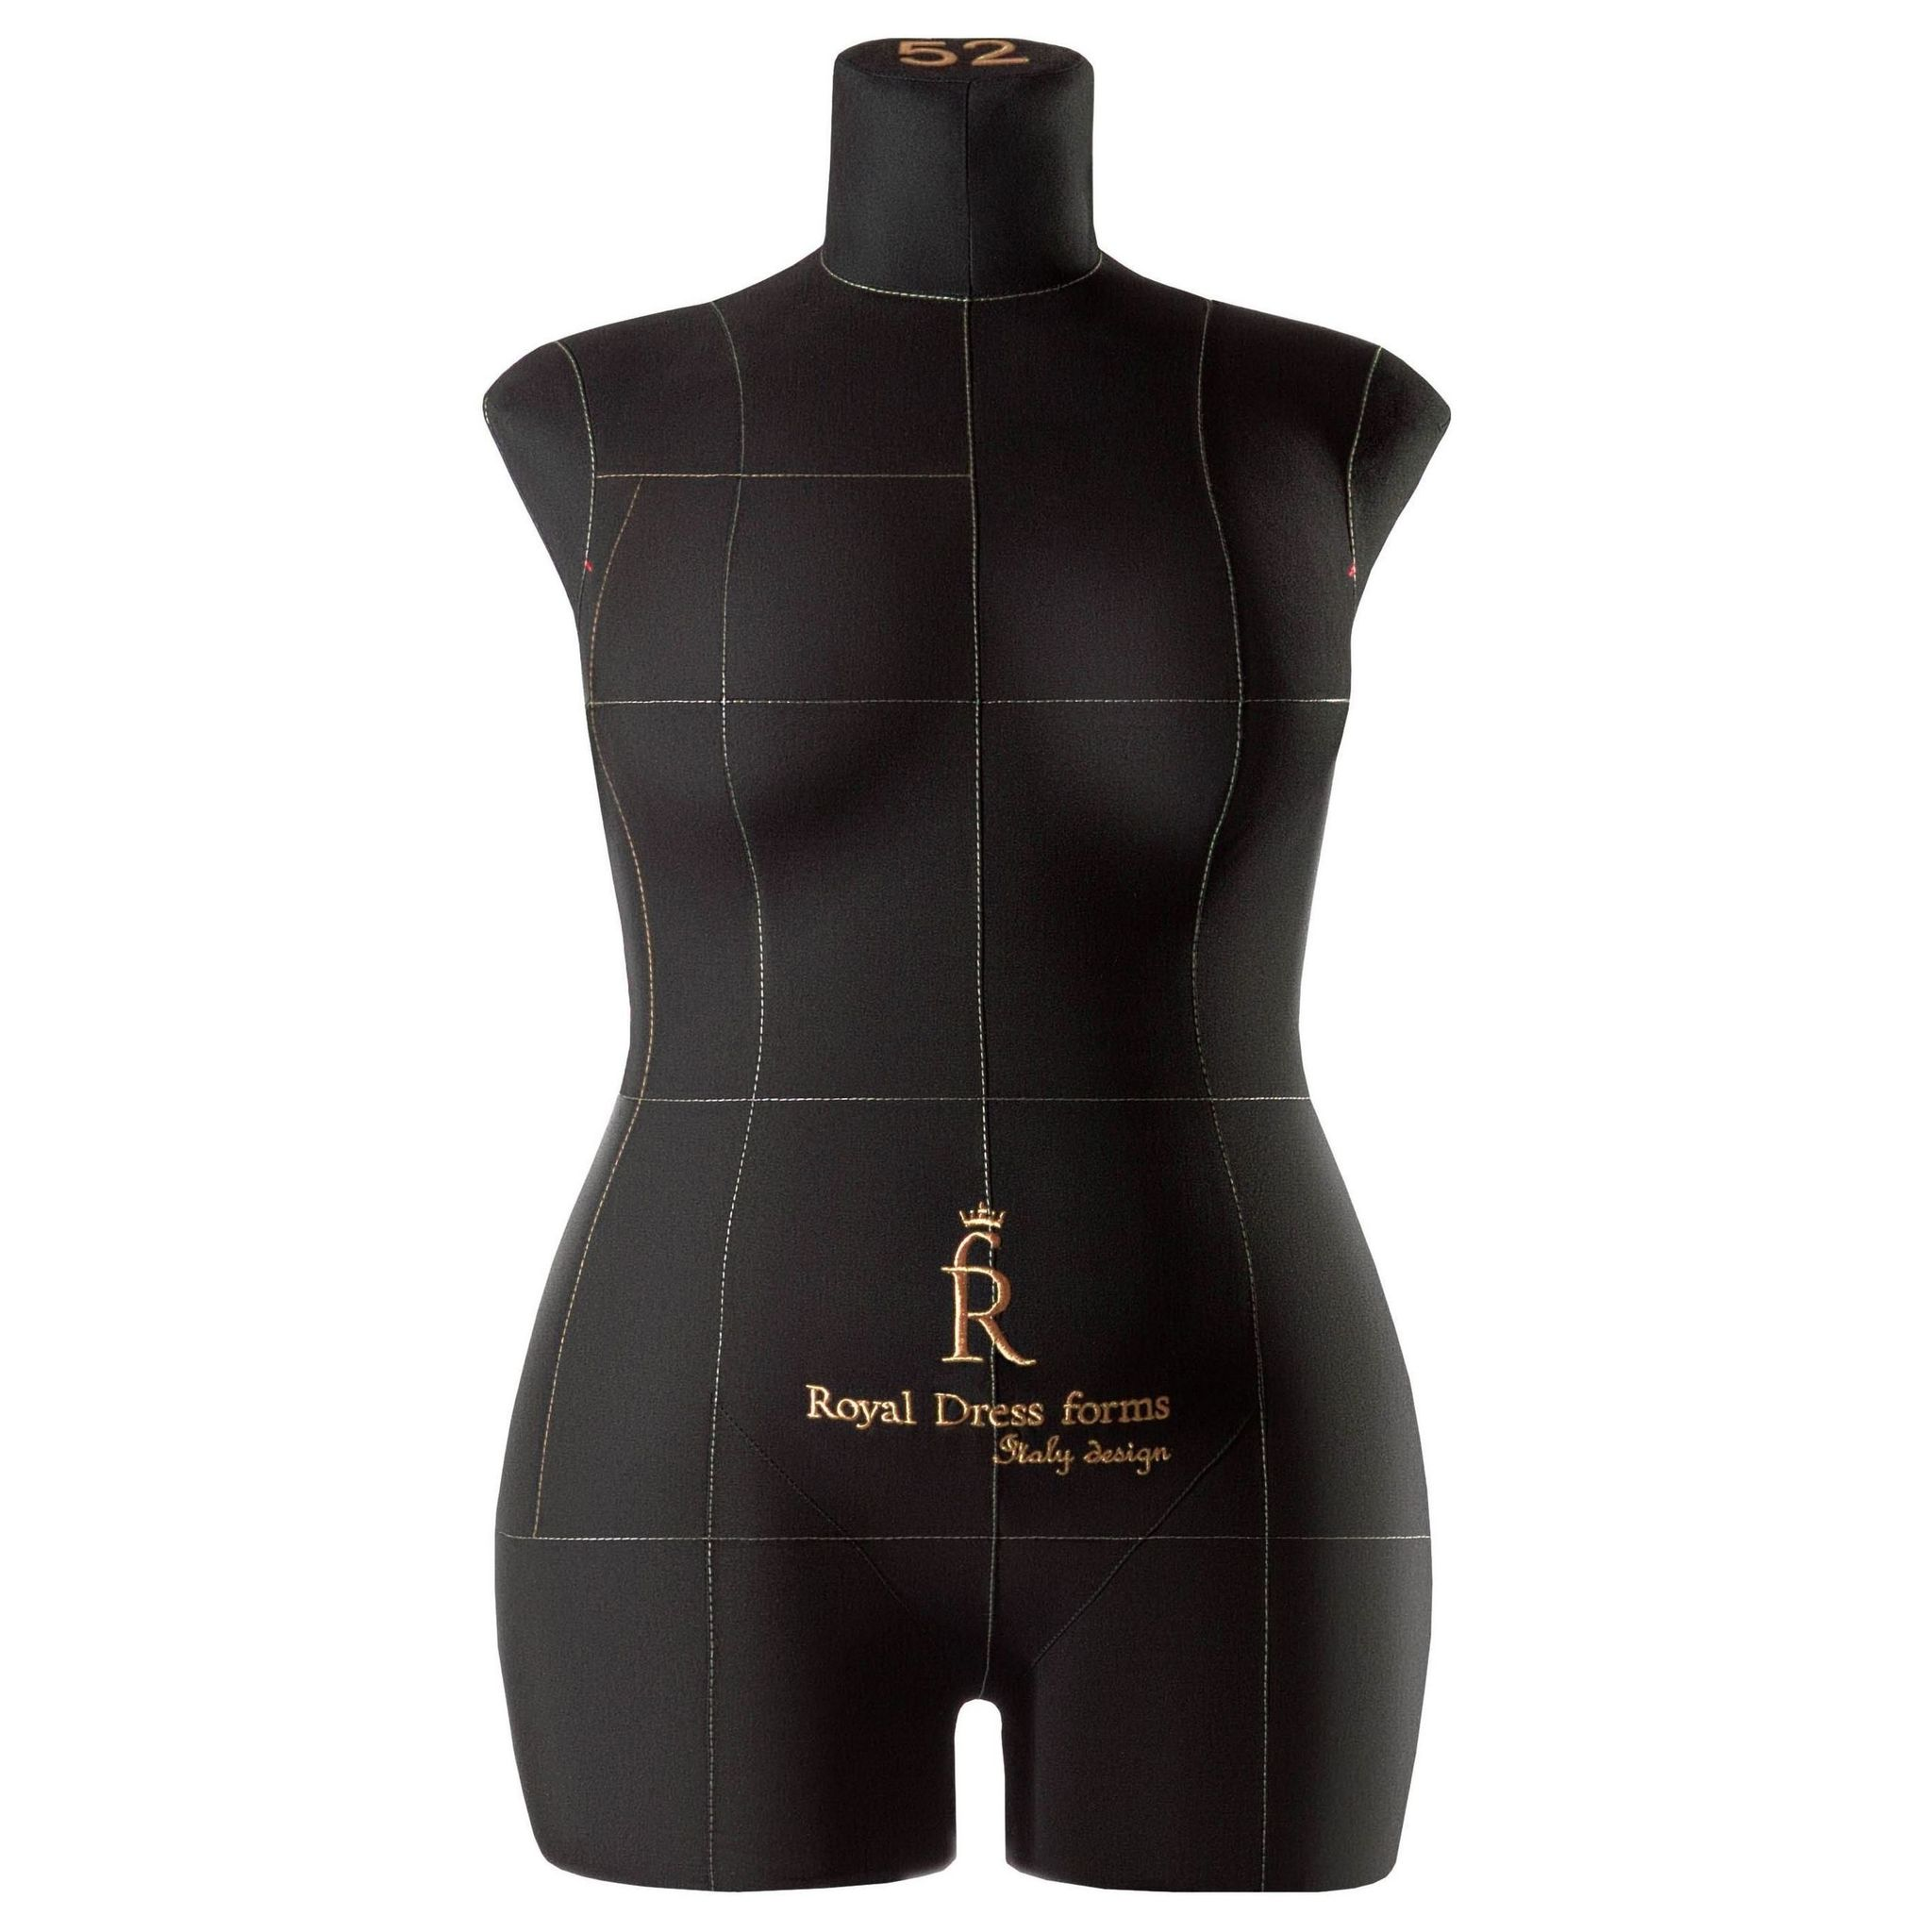 Манекен портновский Моника, комплект Стандарт, размер 52, цвет чёрный, в комплекте подставка